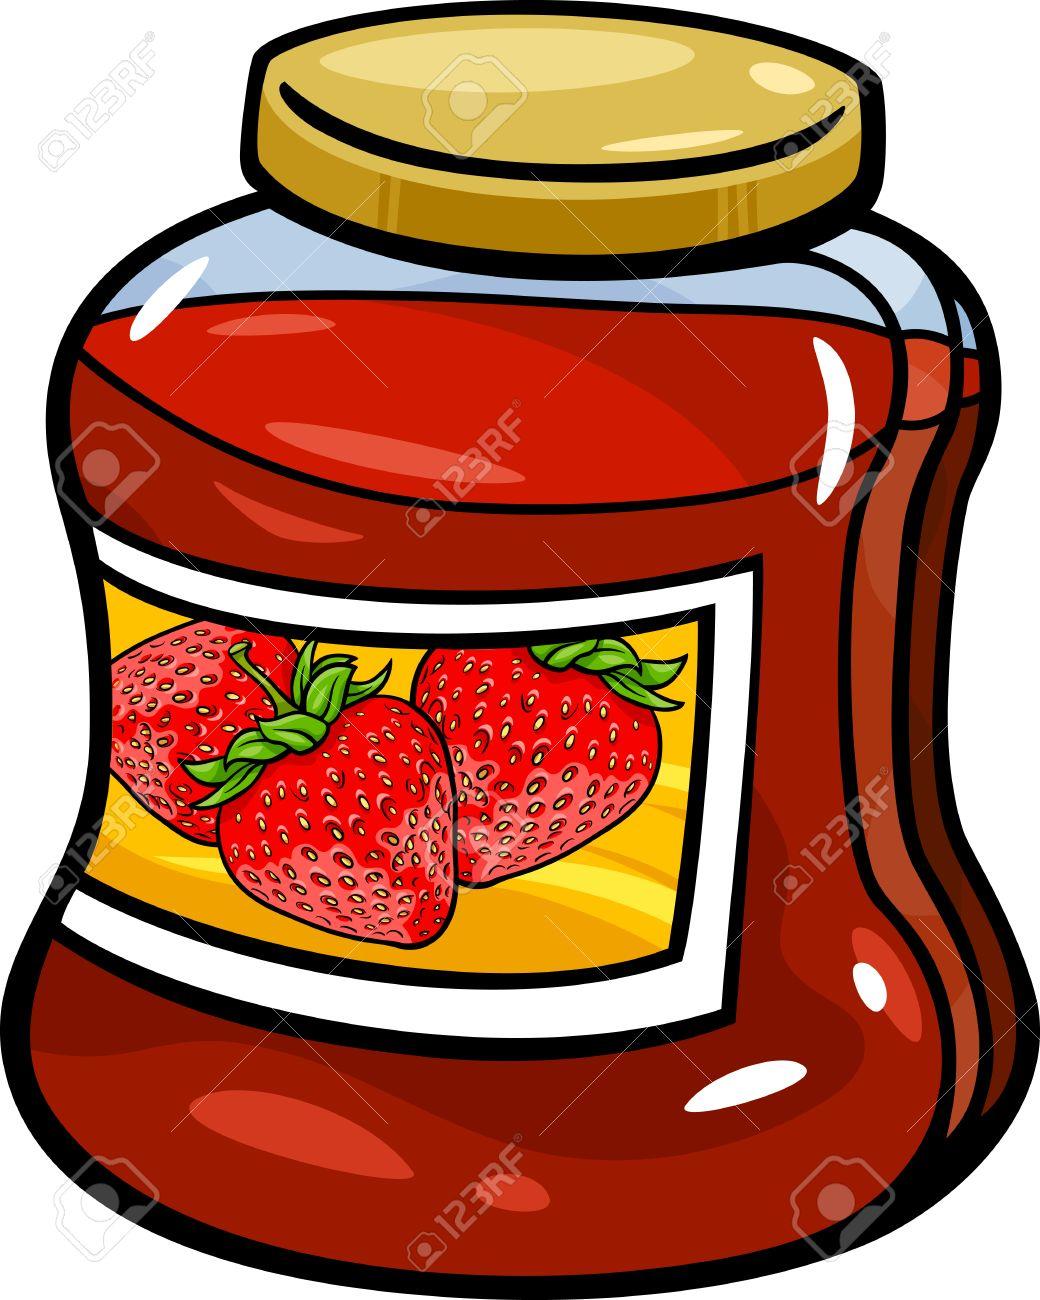 Jam clipart cartoon, Jam cartoon Transparent FREE for.